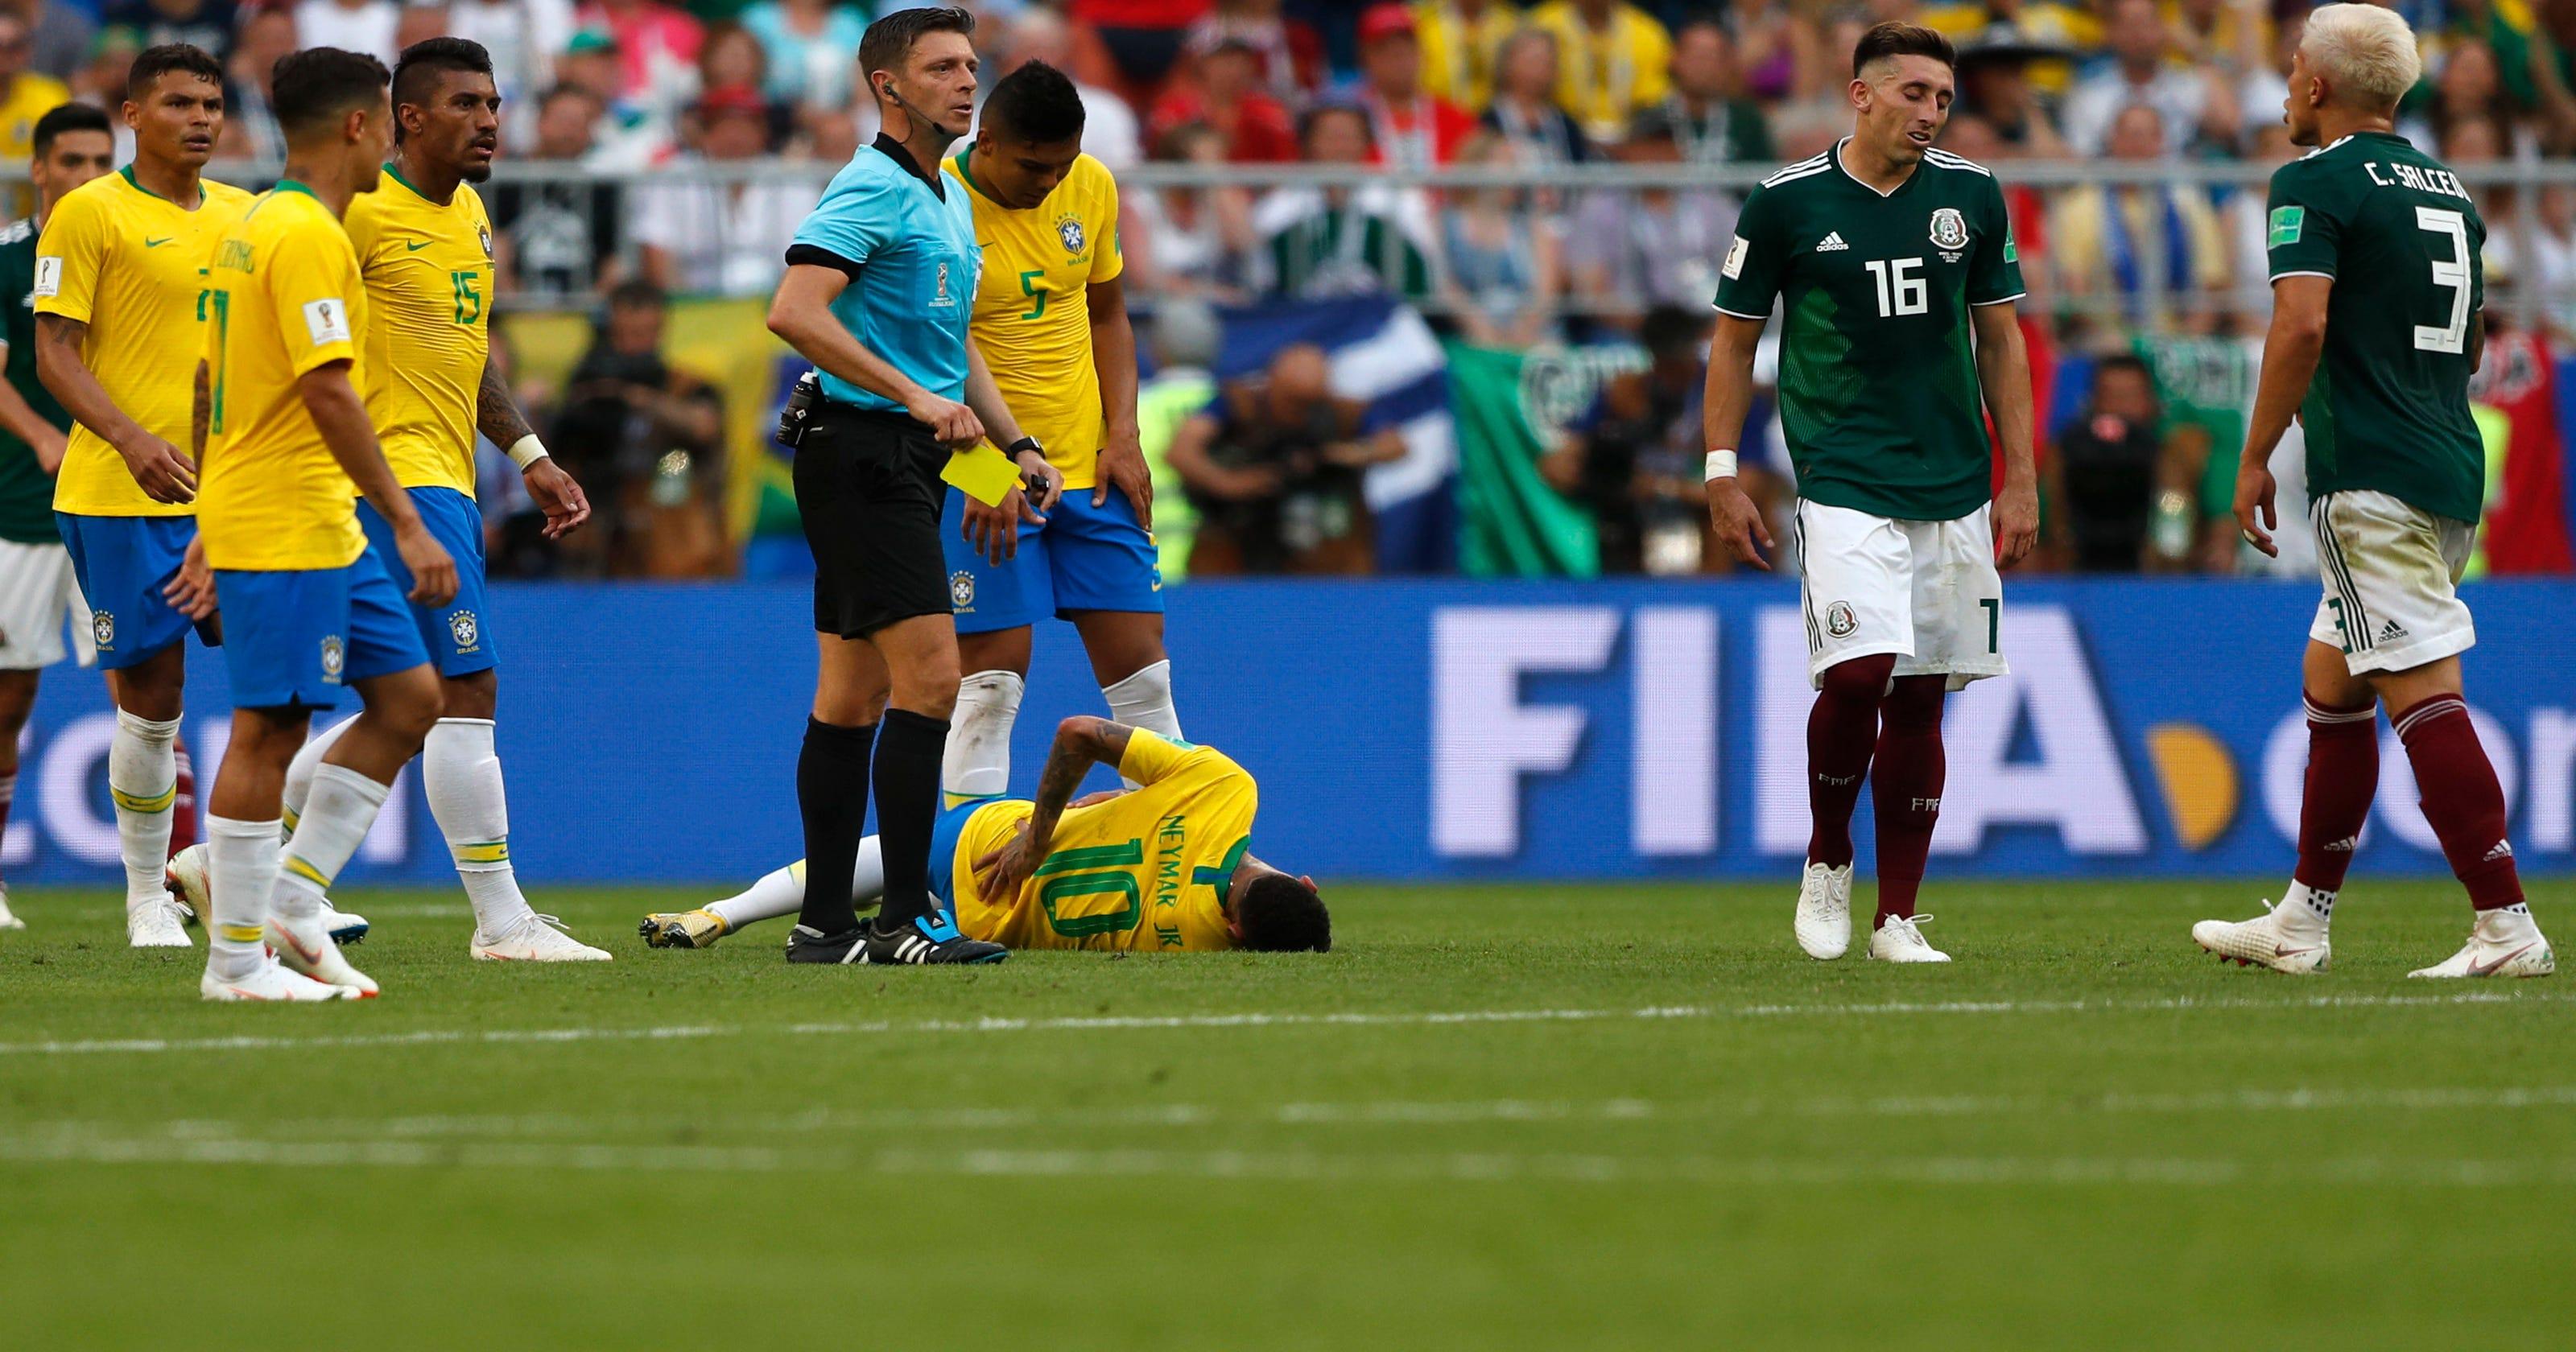 26035e8d81c Neymar urged to stop acting, win titles to get FIFA award